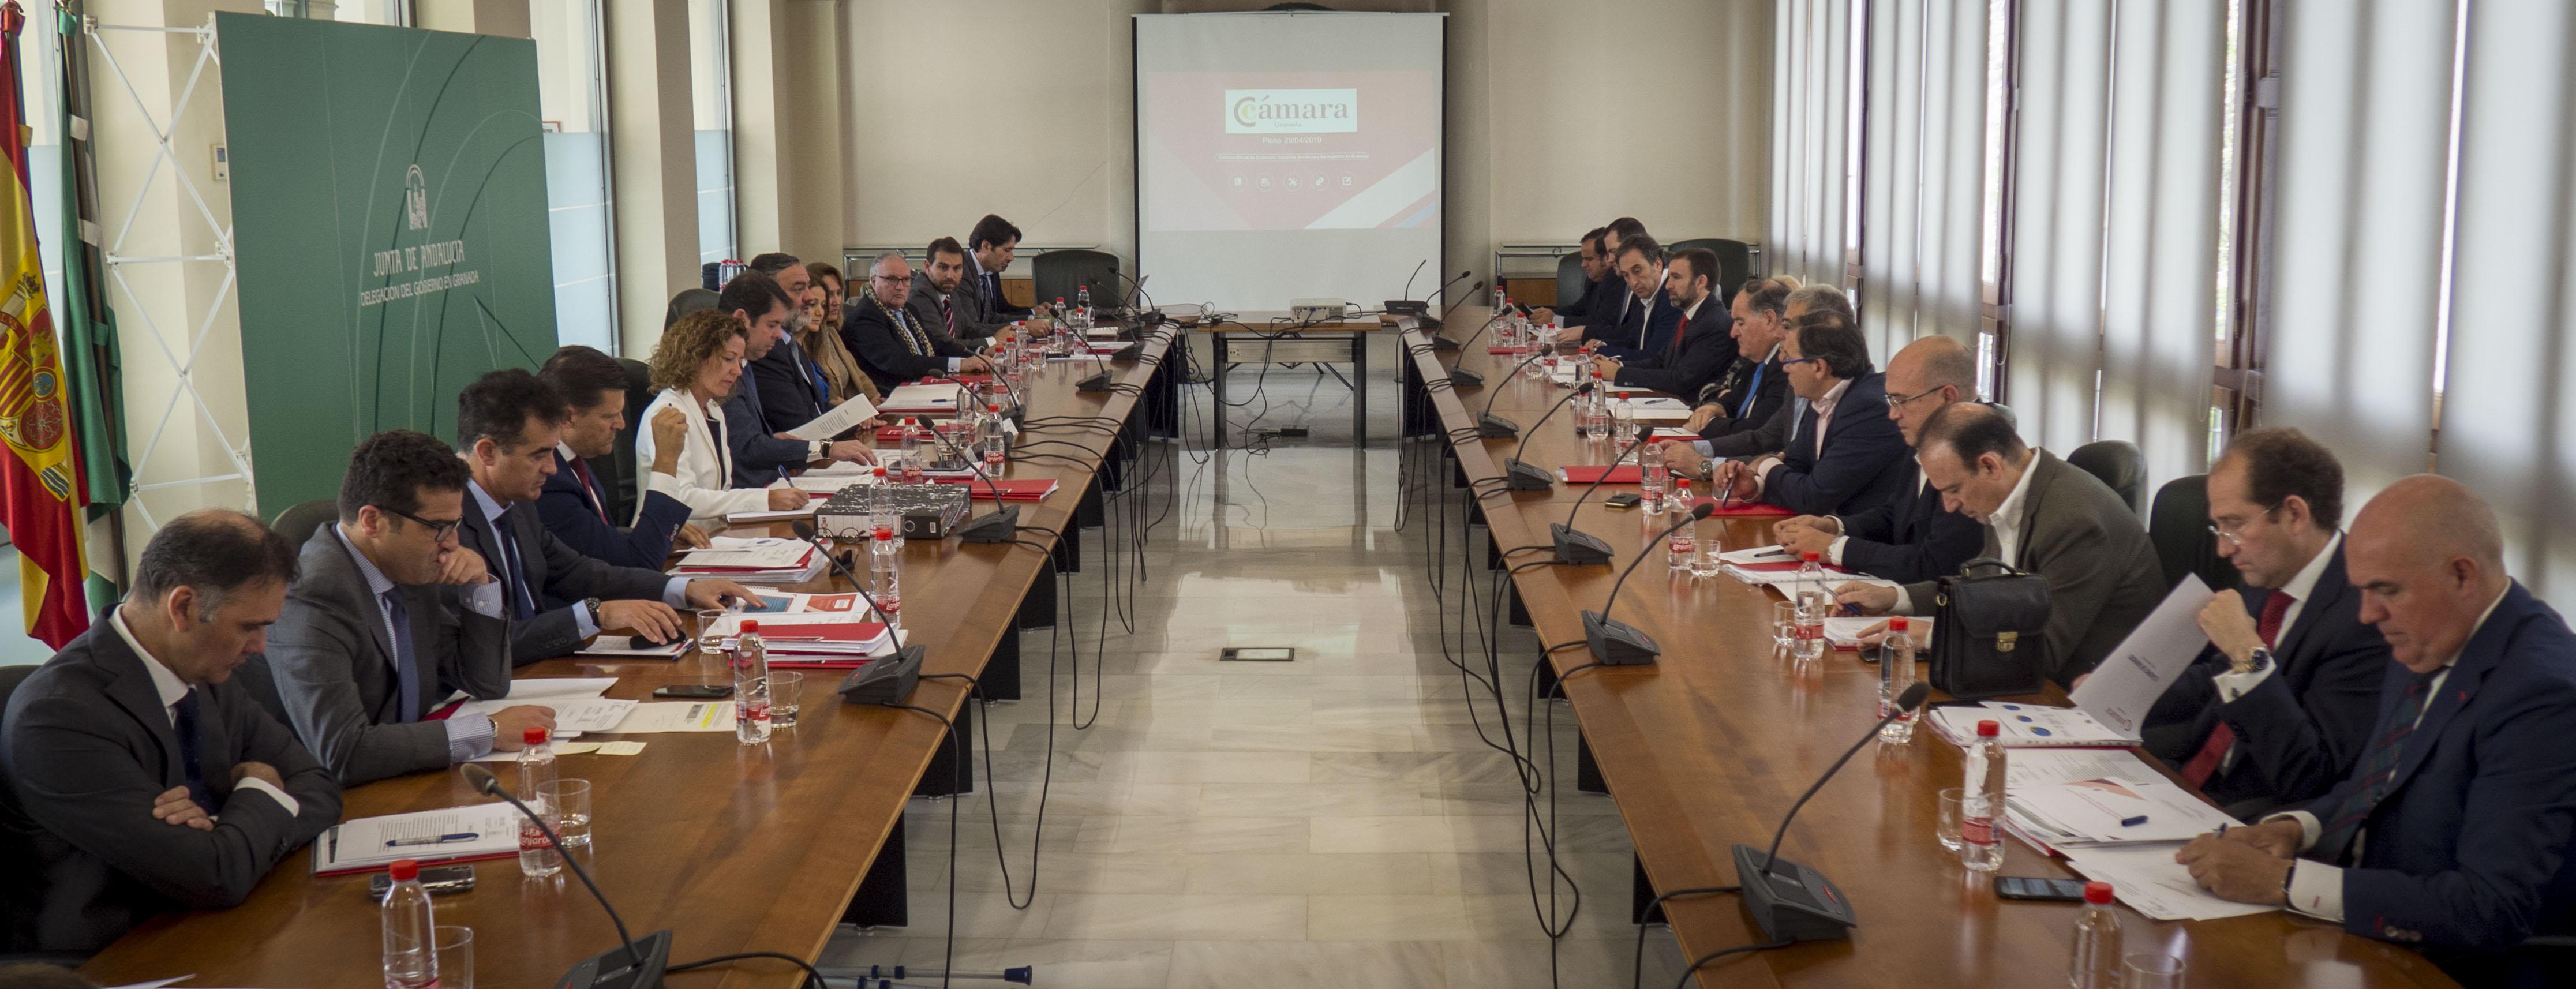 Cámara Granada acerca el mercado de Emiratos Árabes Unidos a las empresas de la provincia